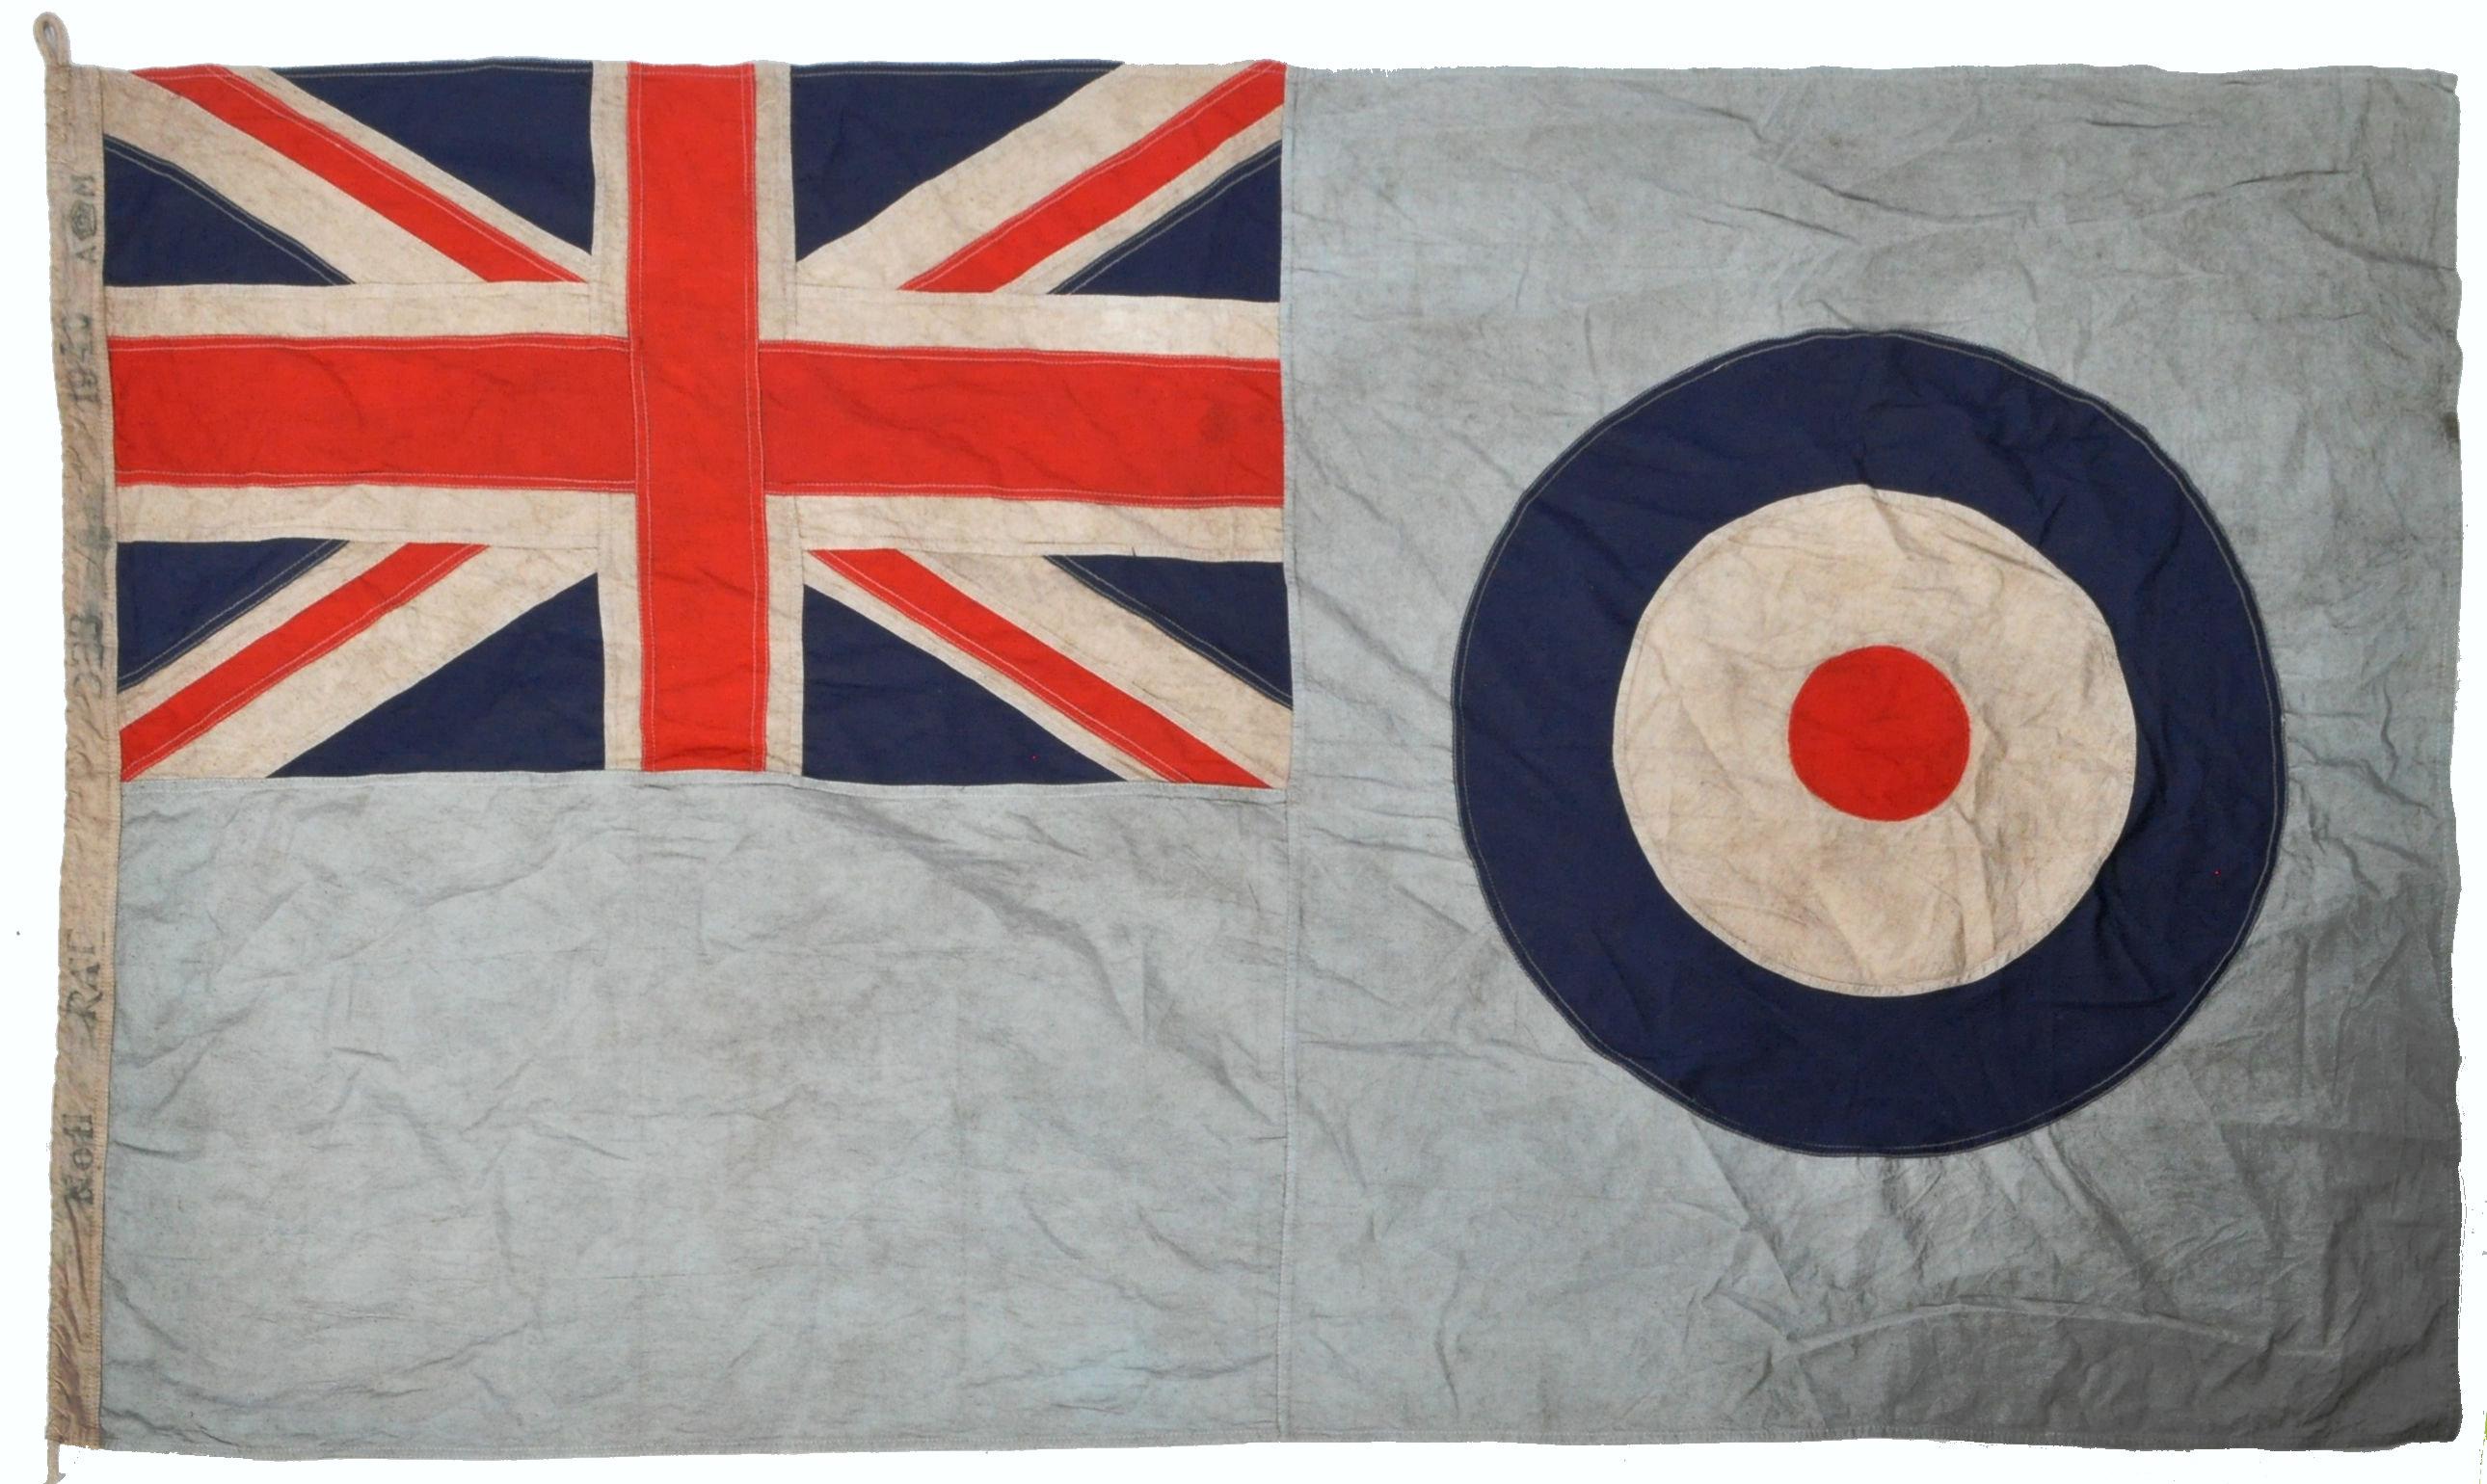 WWII SECOND WORLD WAR TYPE RAF AIRFIELD FLAG - DEBDEN